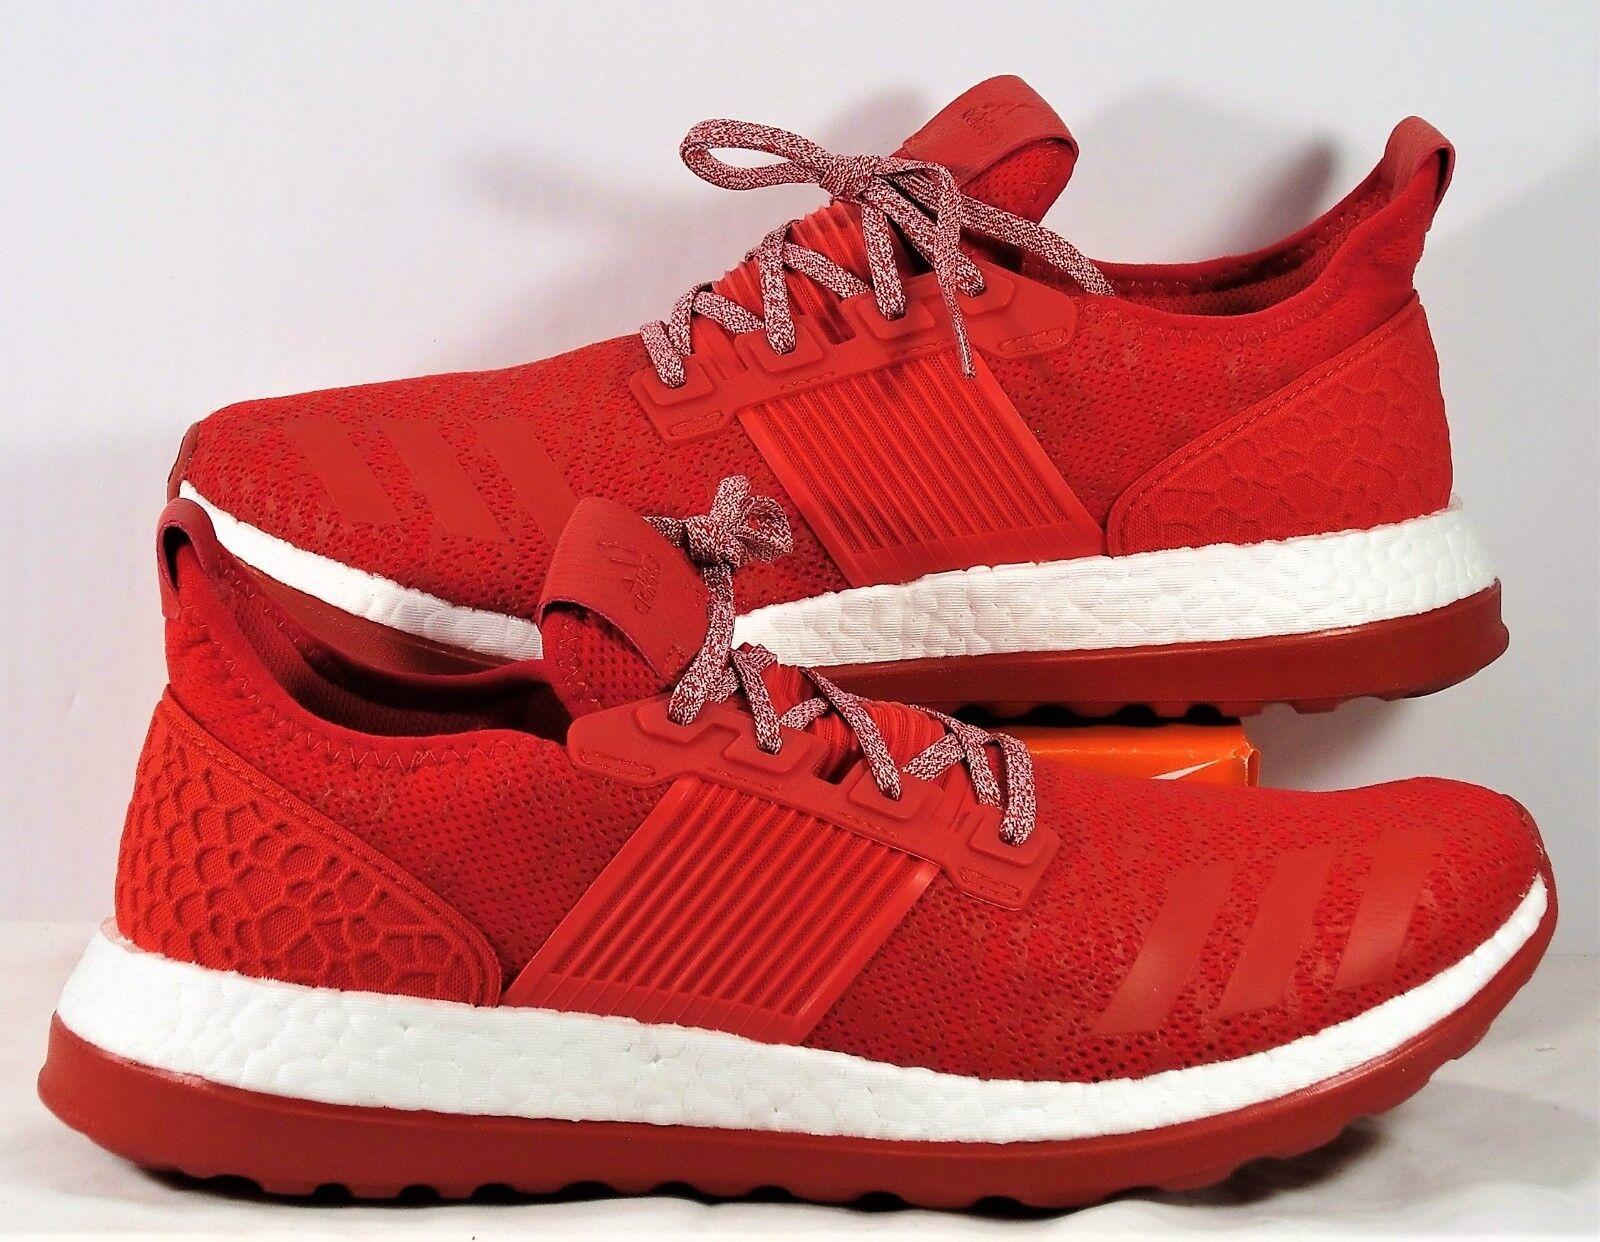 Adidas puro white slancio zg red & white puro Uomo formazione scarpe nuove ba8453 sz 11 90591b